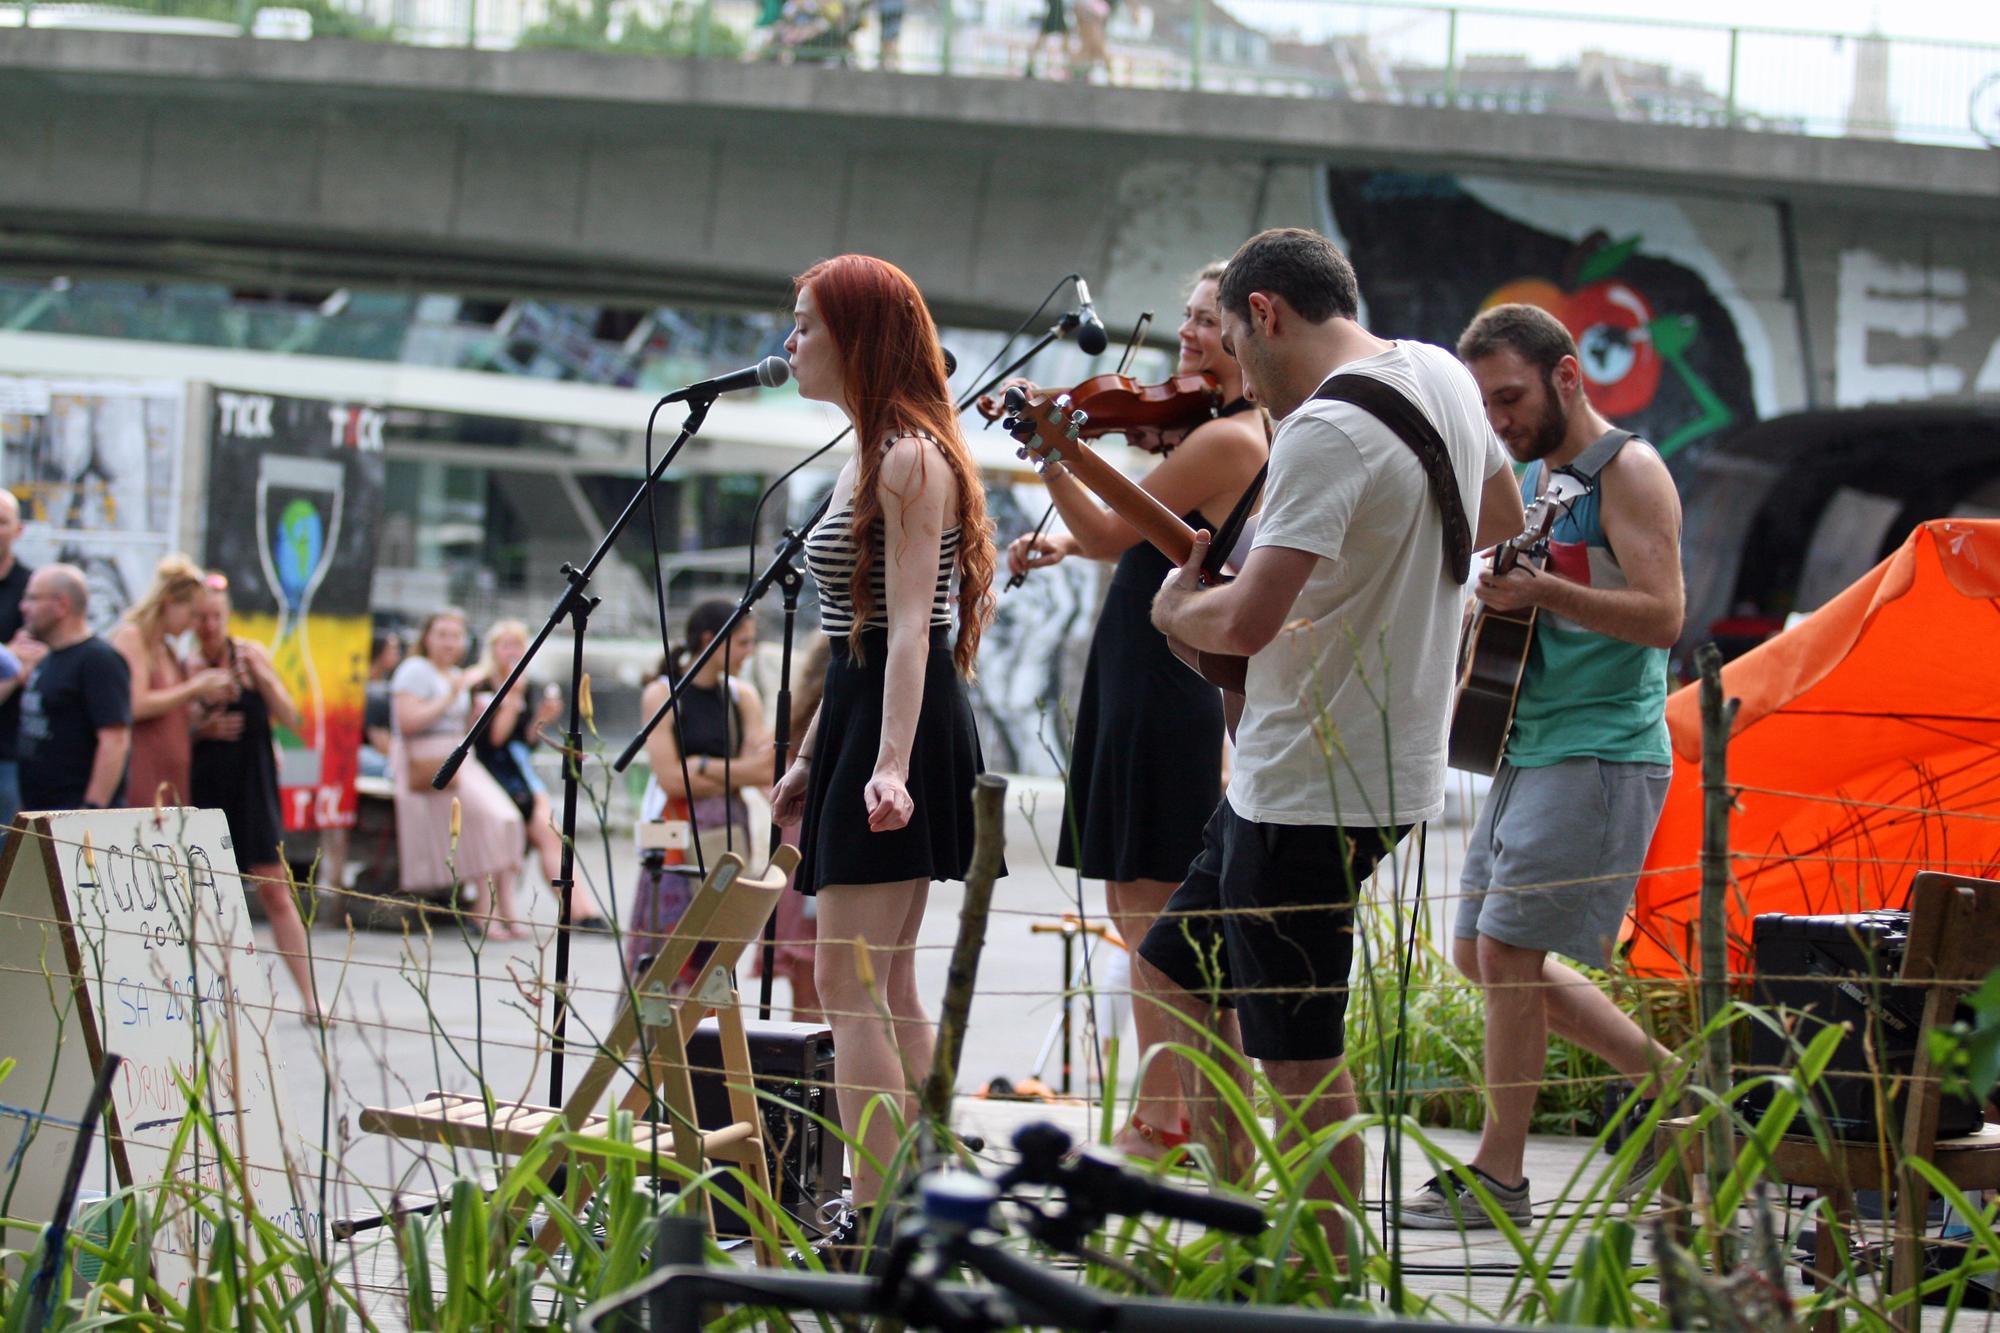 Even If @ Agora Donaukanal, 06.07.2019 (c) migglpictures